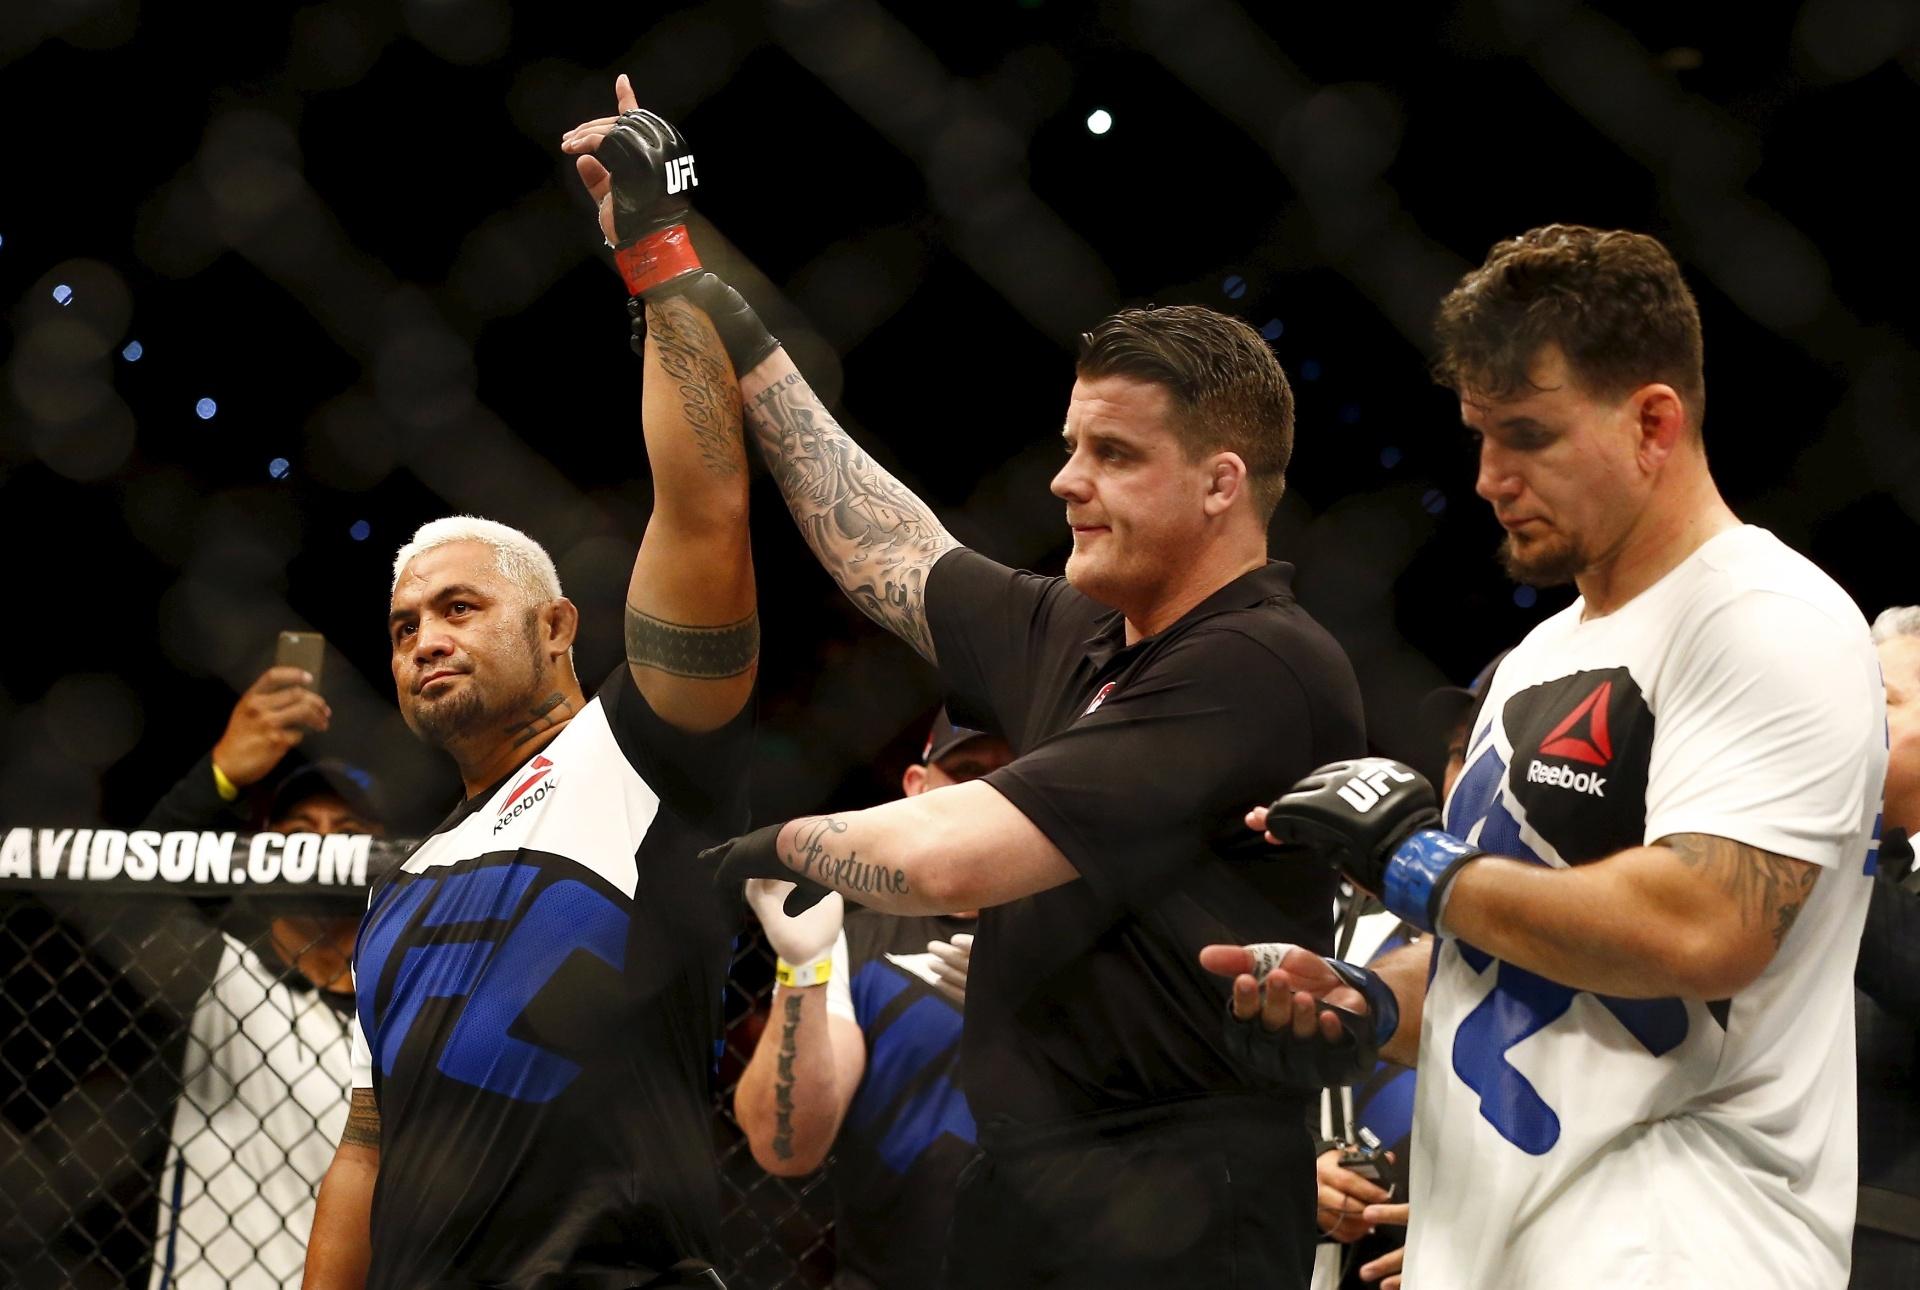 Mark Hunt venceu Frank Mir por nocaute no UFC Austrália